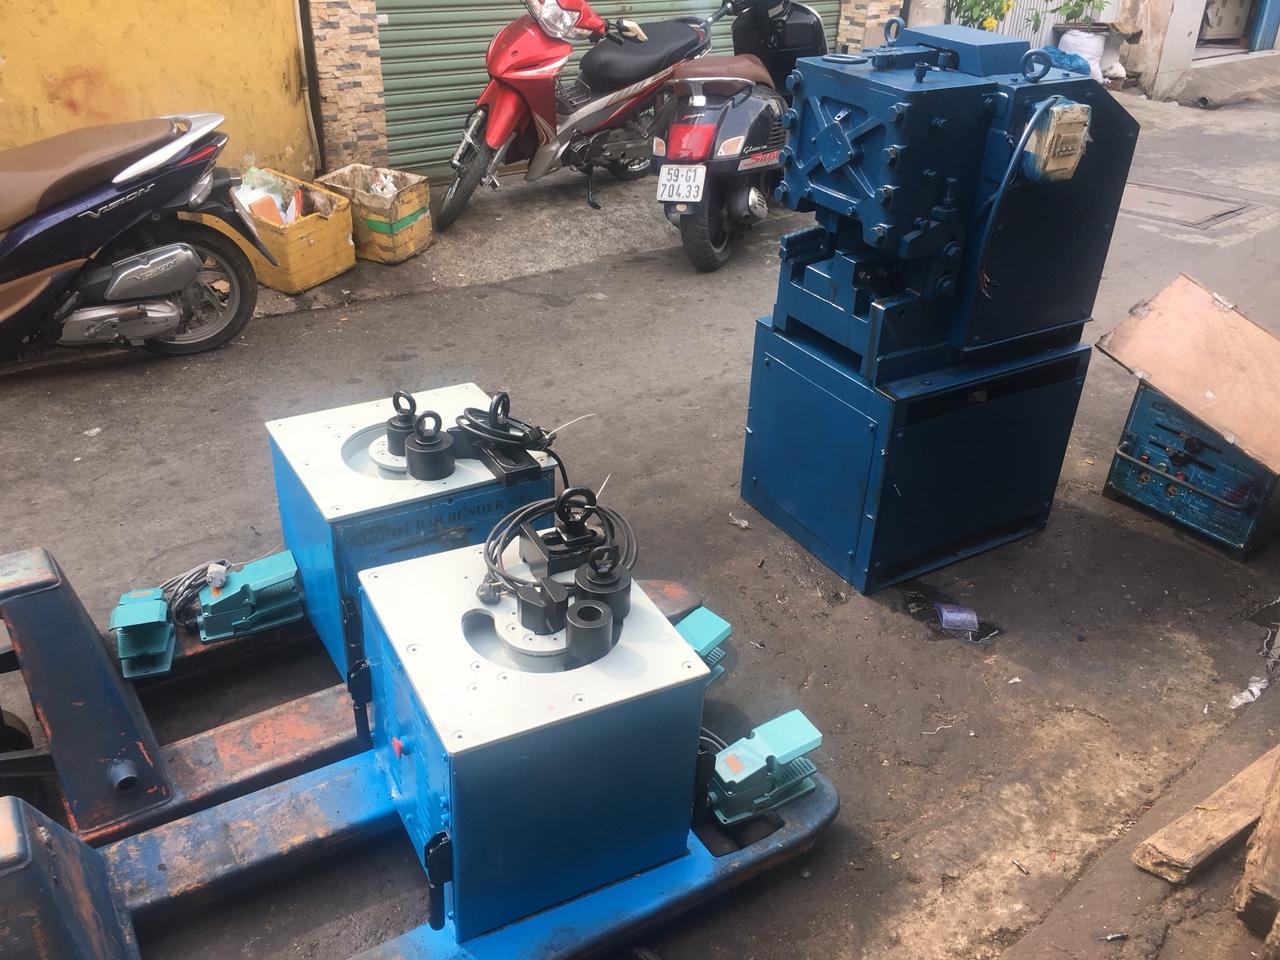 máy uốn sắt 25 bán sửa chữa và cho thuê